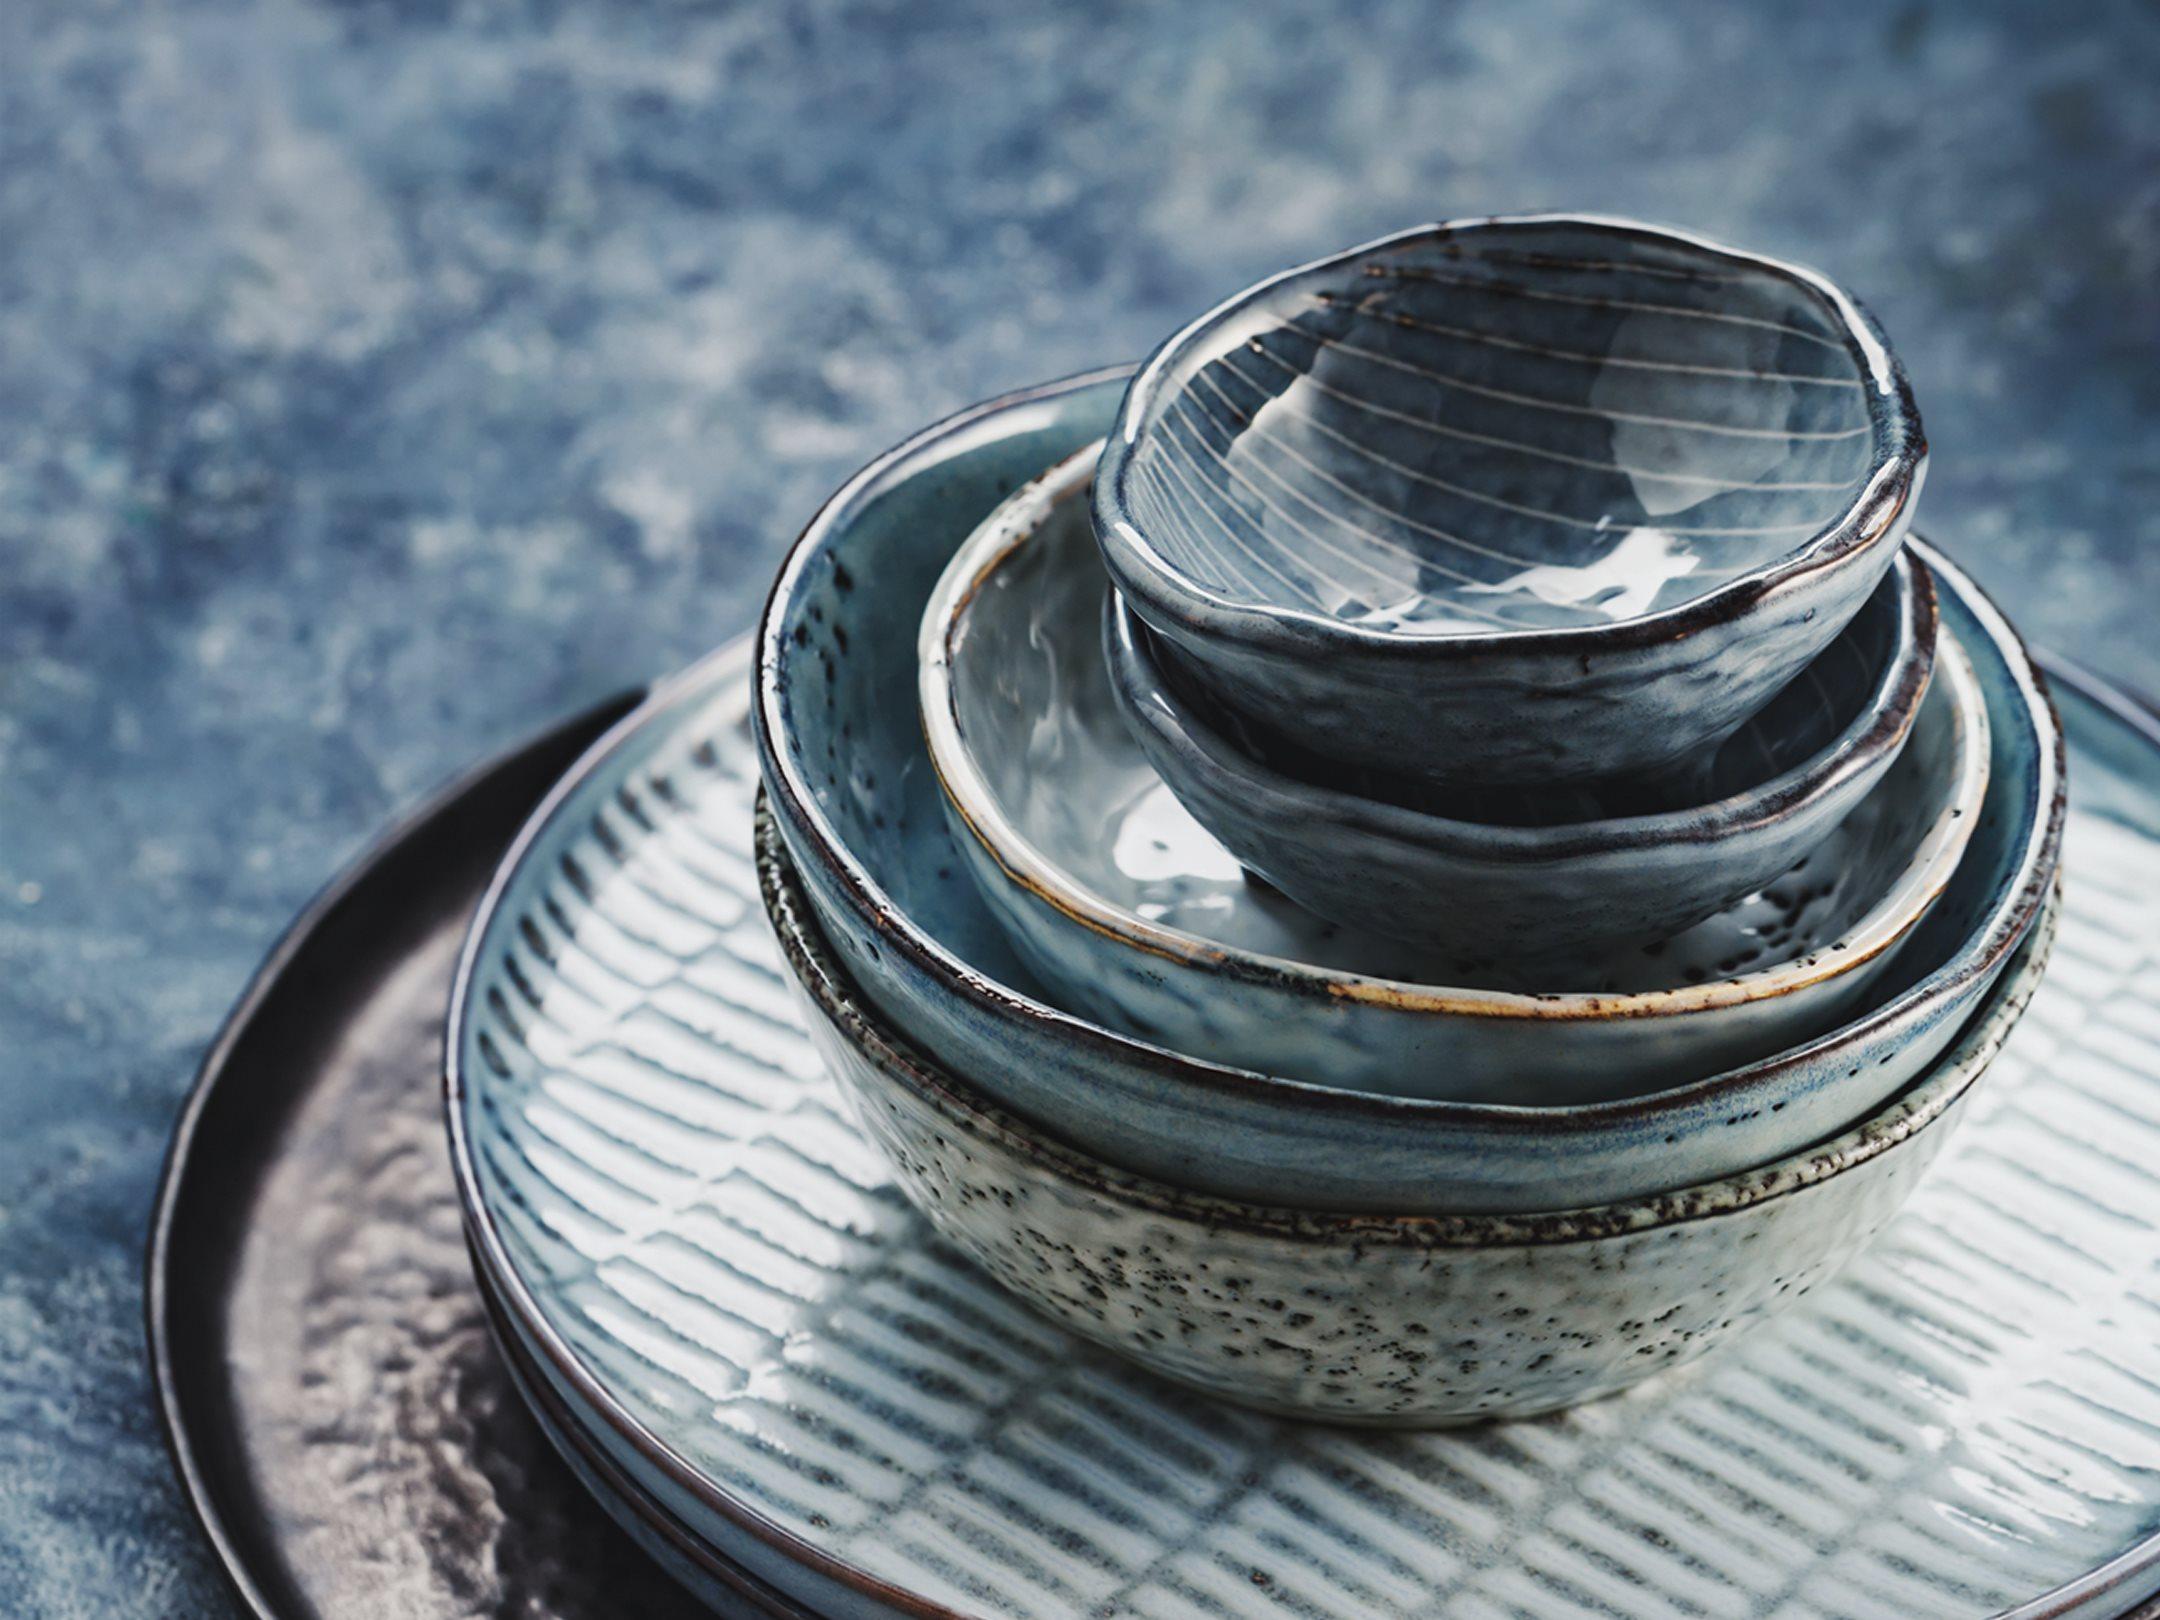 皿、椀、鉢、杯。毎日使ってる食器の名前、ちゃんと知ってますか?